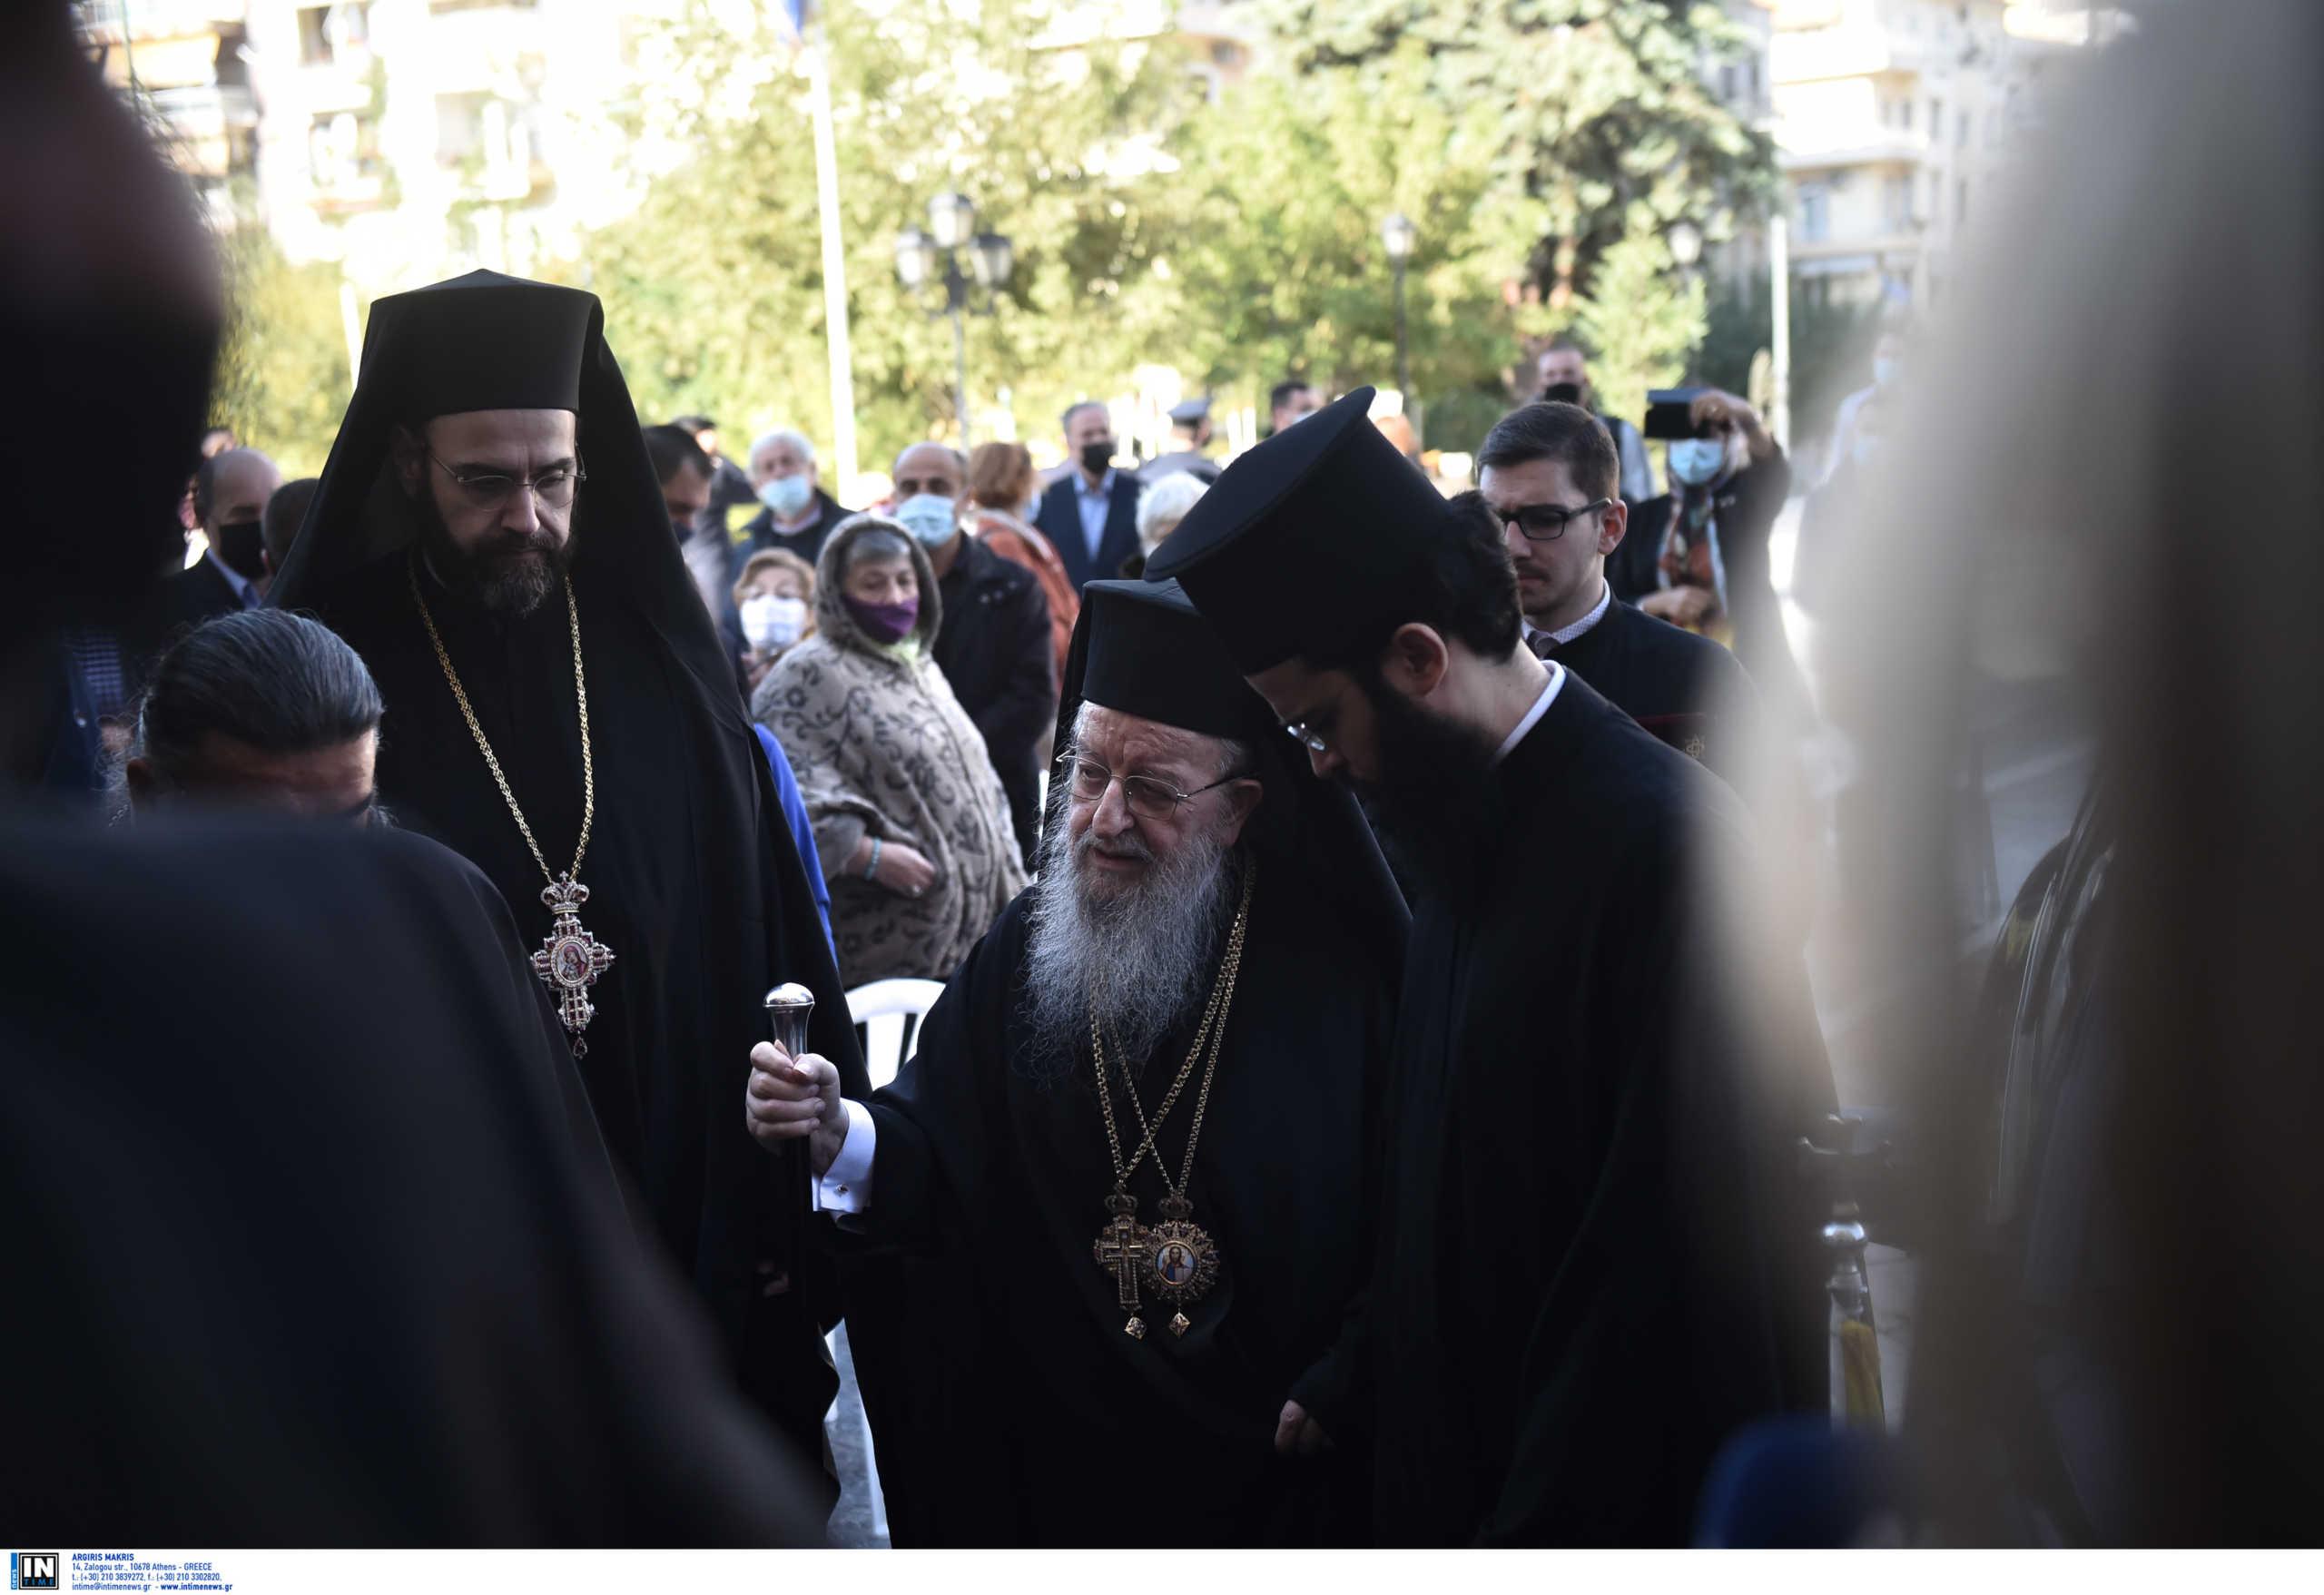 Θεσσαλονίκη: «Φταίει η αστυνομία» – Πήρε θέση με καθυστέρηση η μητρόπολη για τον συνωστισμό στον Άγιο Δημήτριο